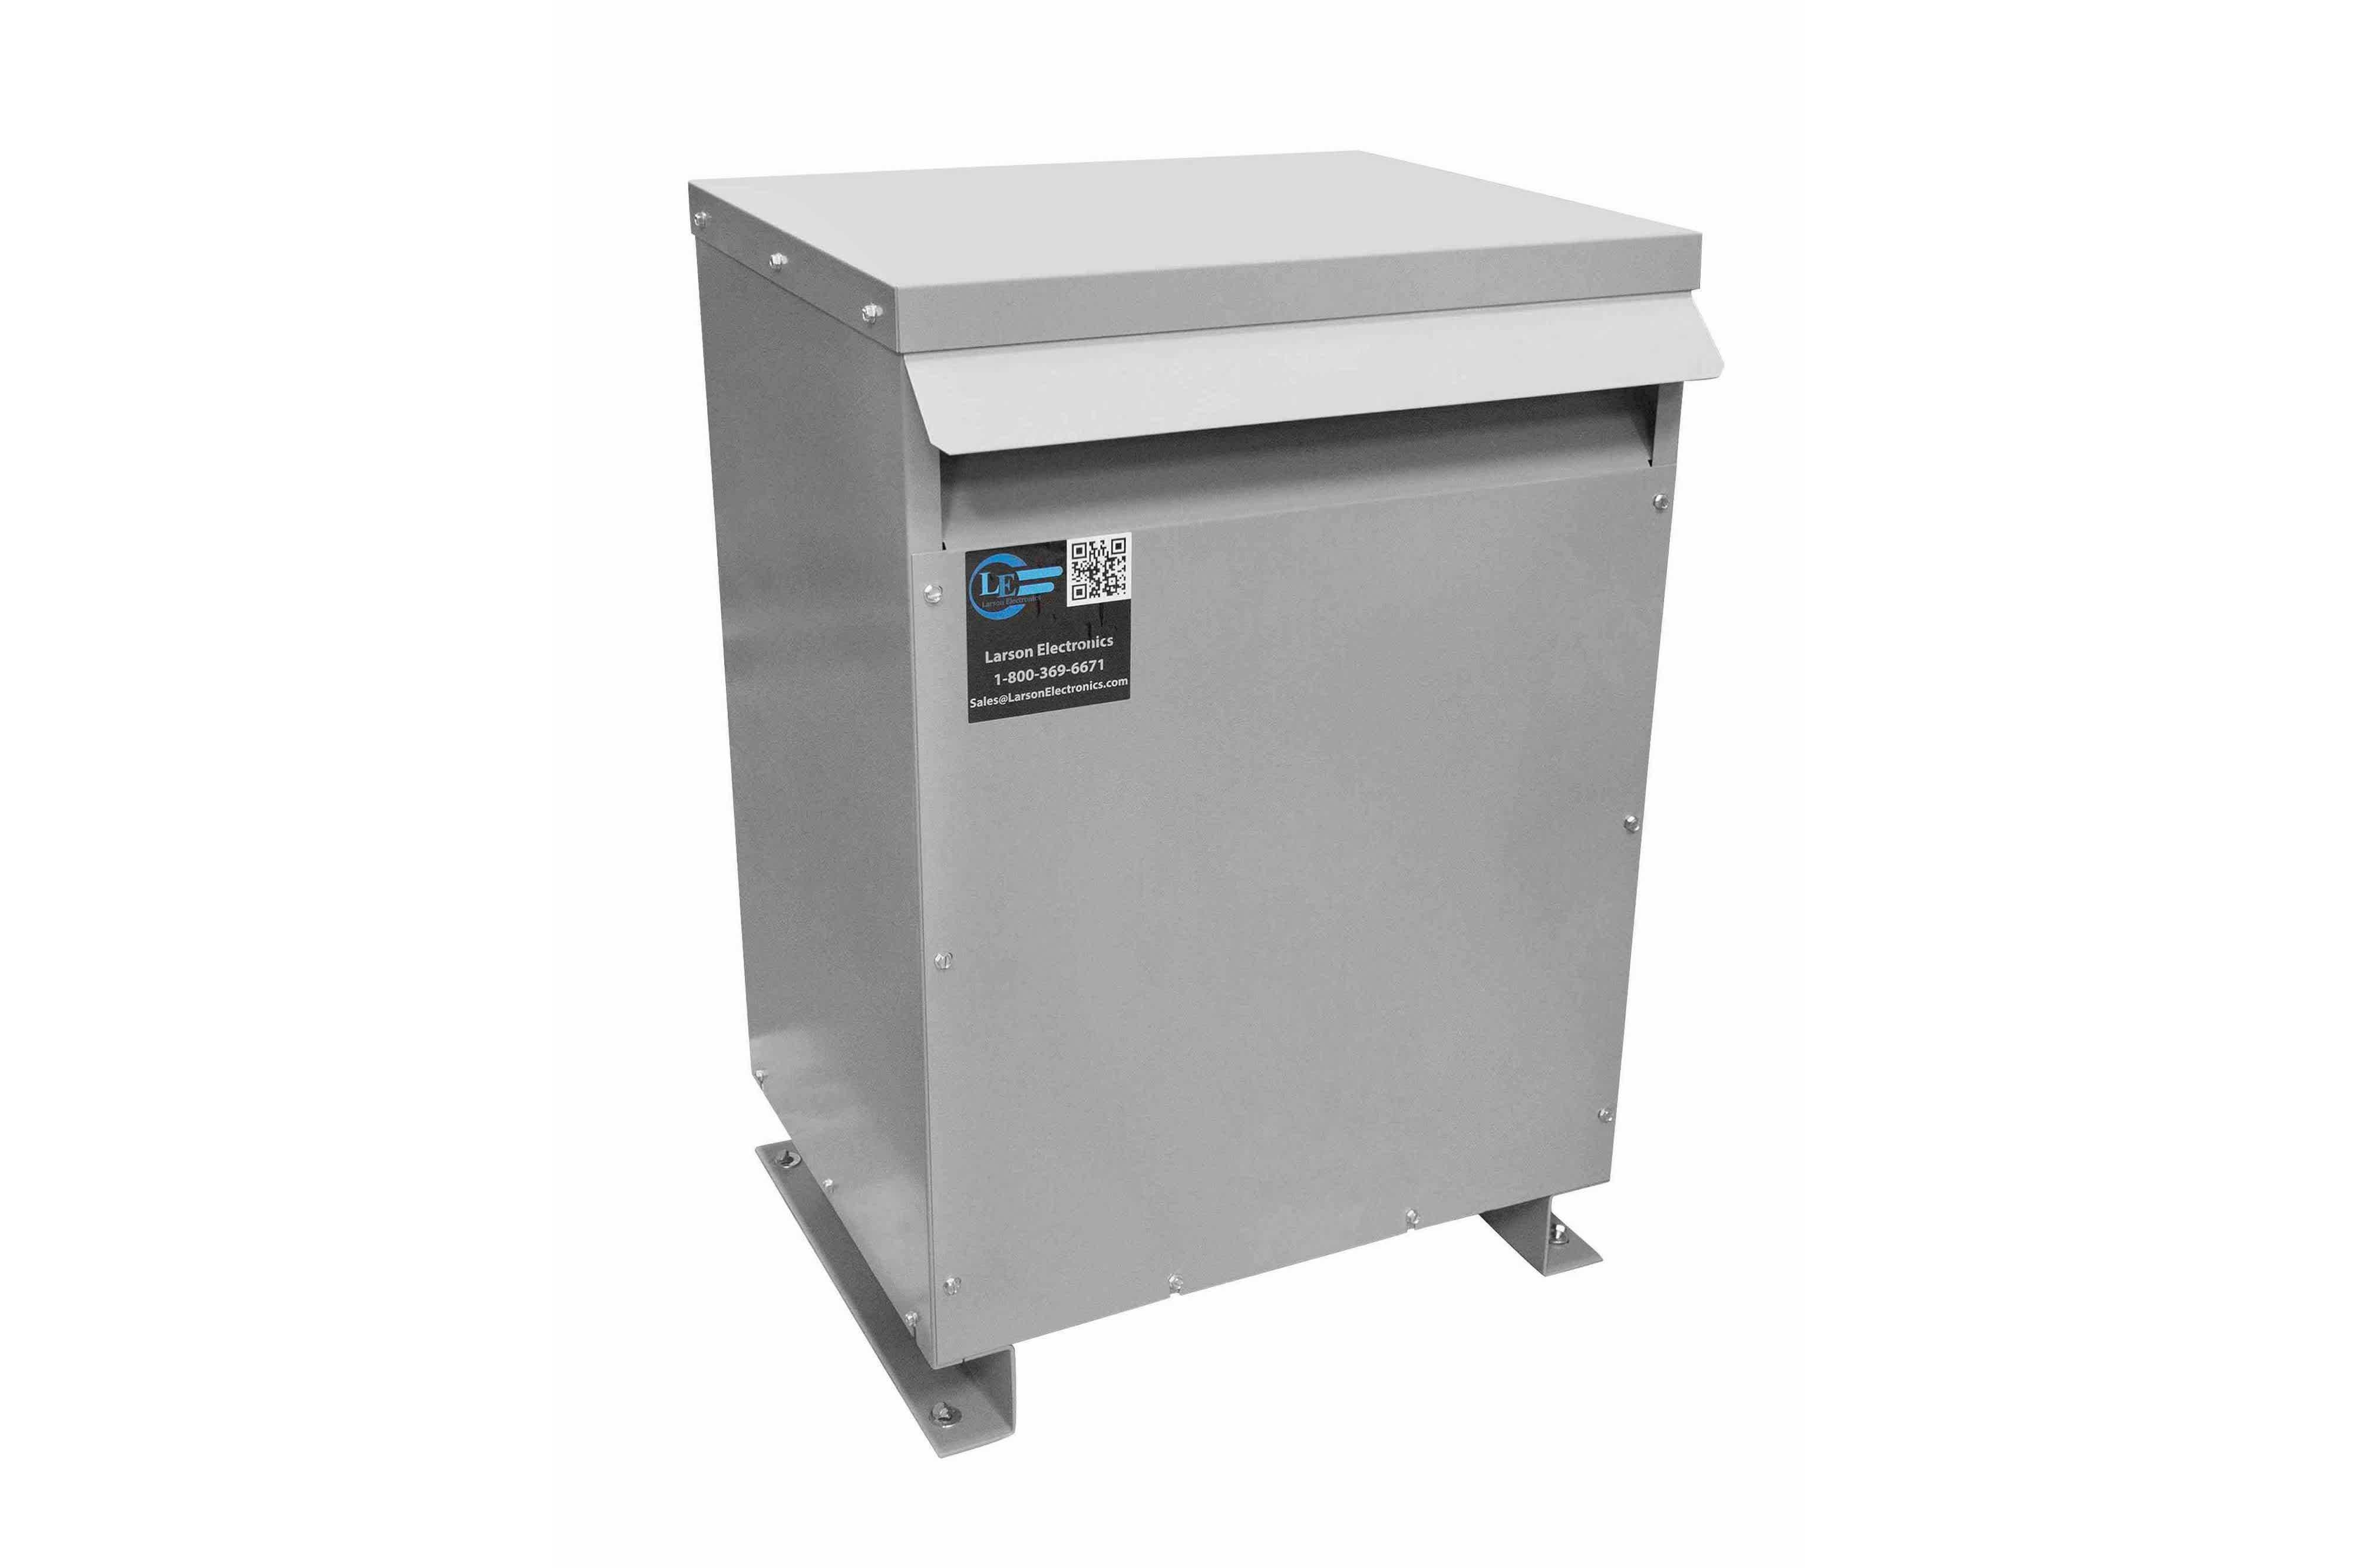 137.5 kVA 3PH Isolation Transformer, 480V Delta Primary, 400V Delta Secondary, N3R, Ventilated, 60 Hz